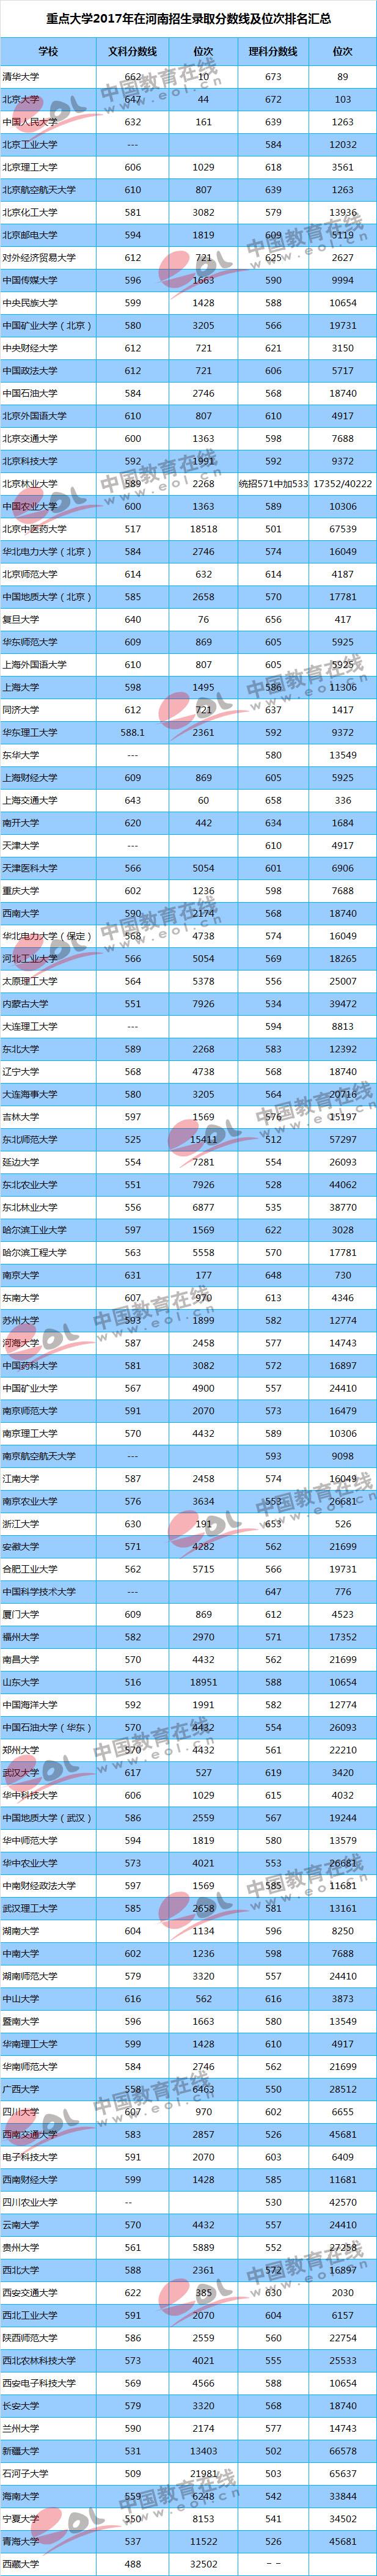 2017重点大学在河南招生录取分数线汇总